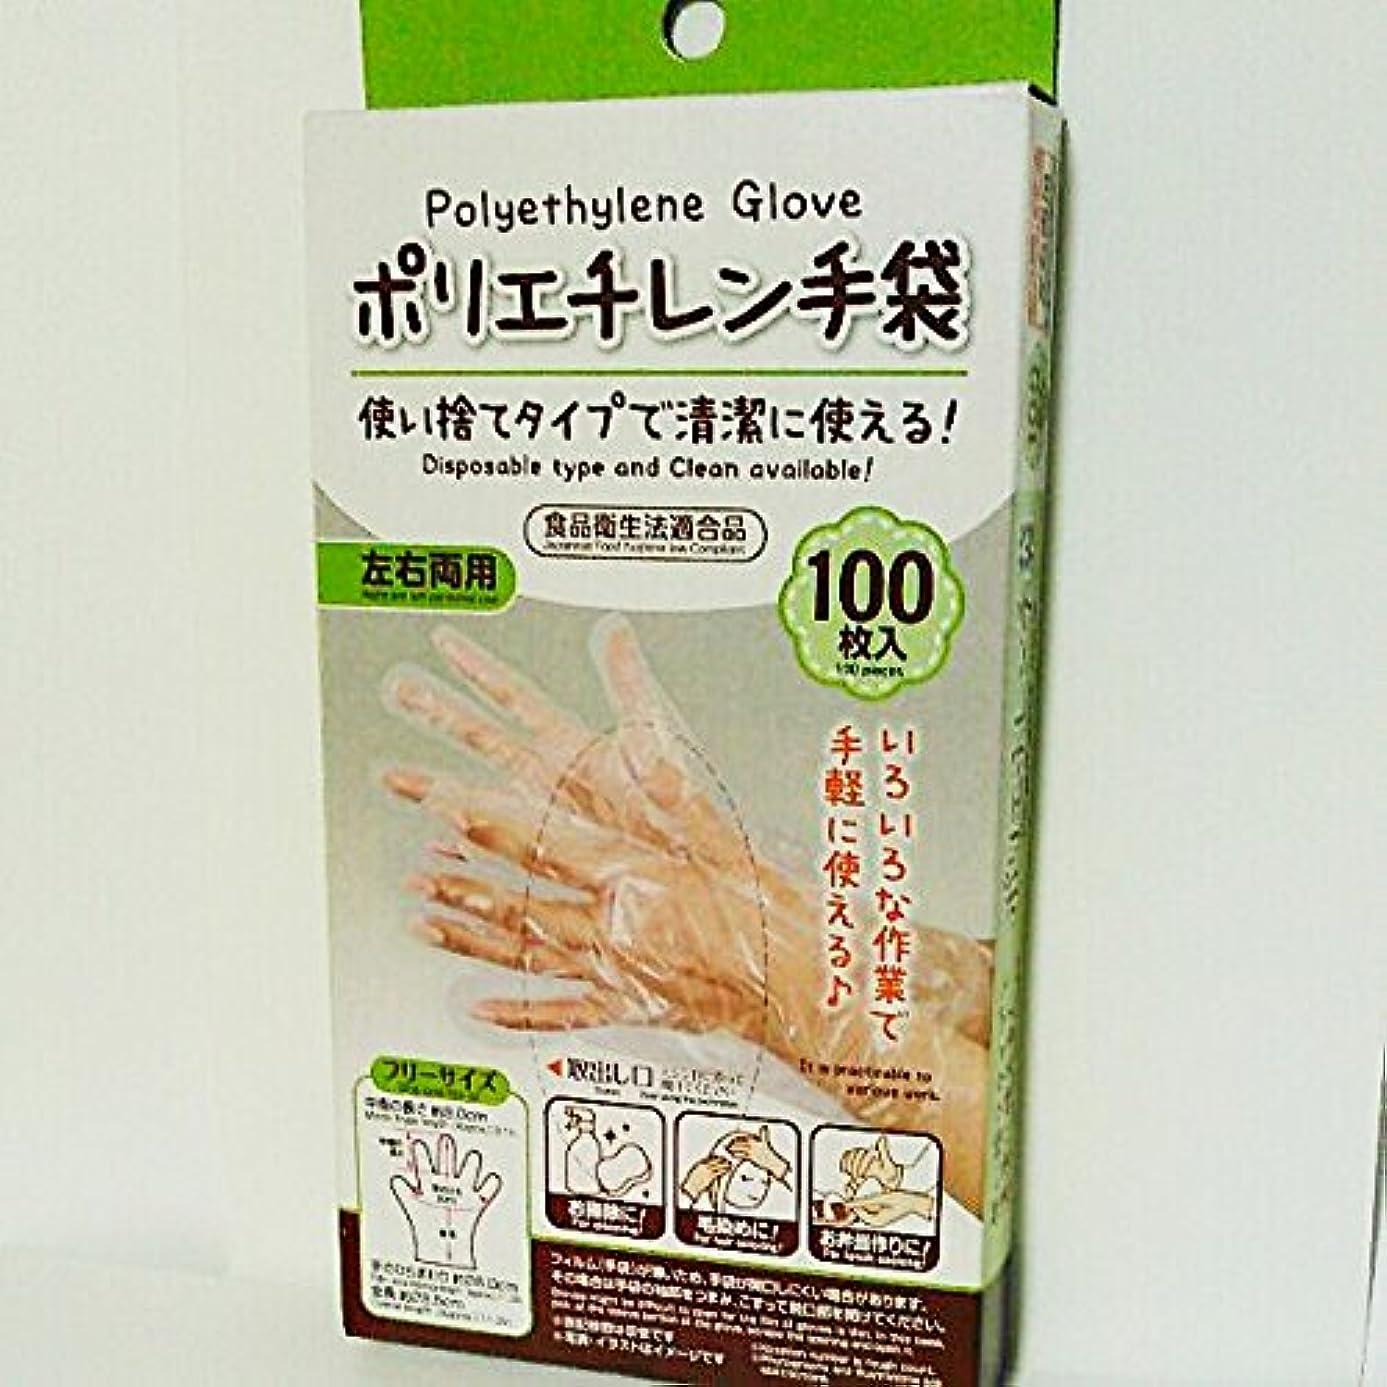 正しいアーティキュレーション覗くポリエチレン手袋 100枚入り